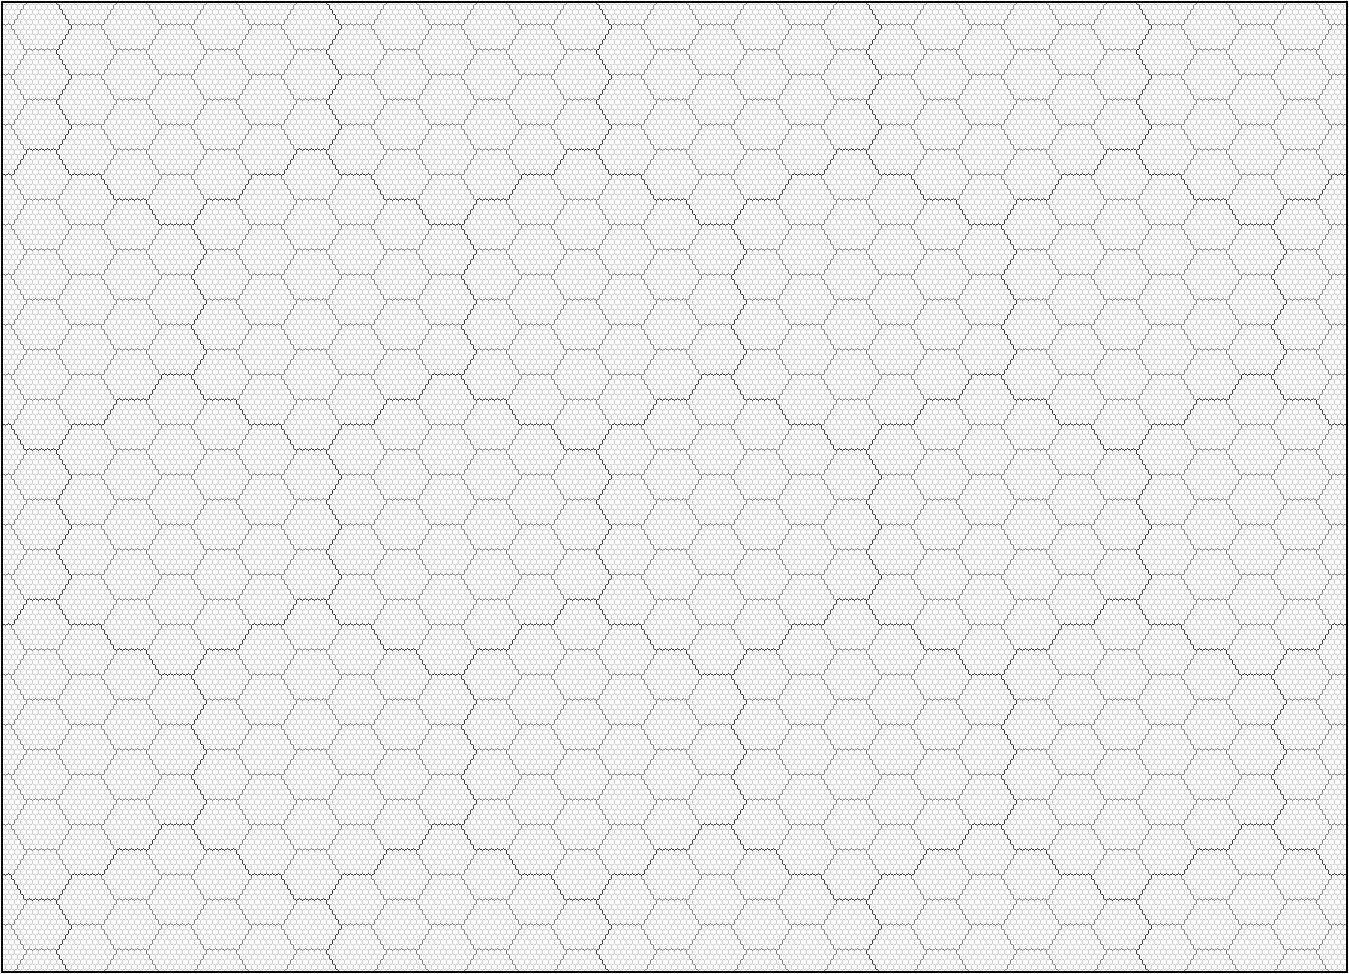 hexagon grid paper